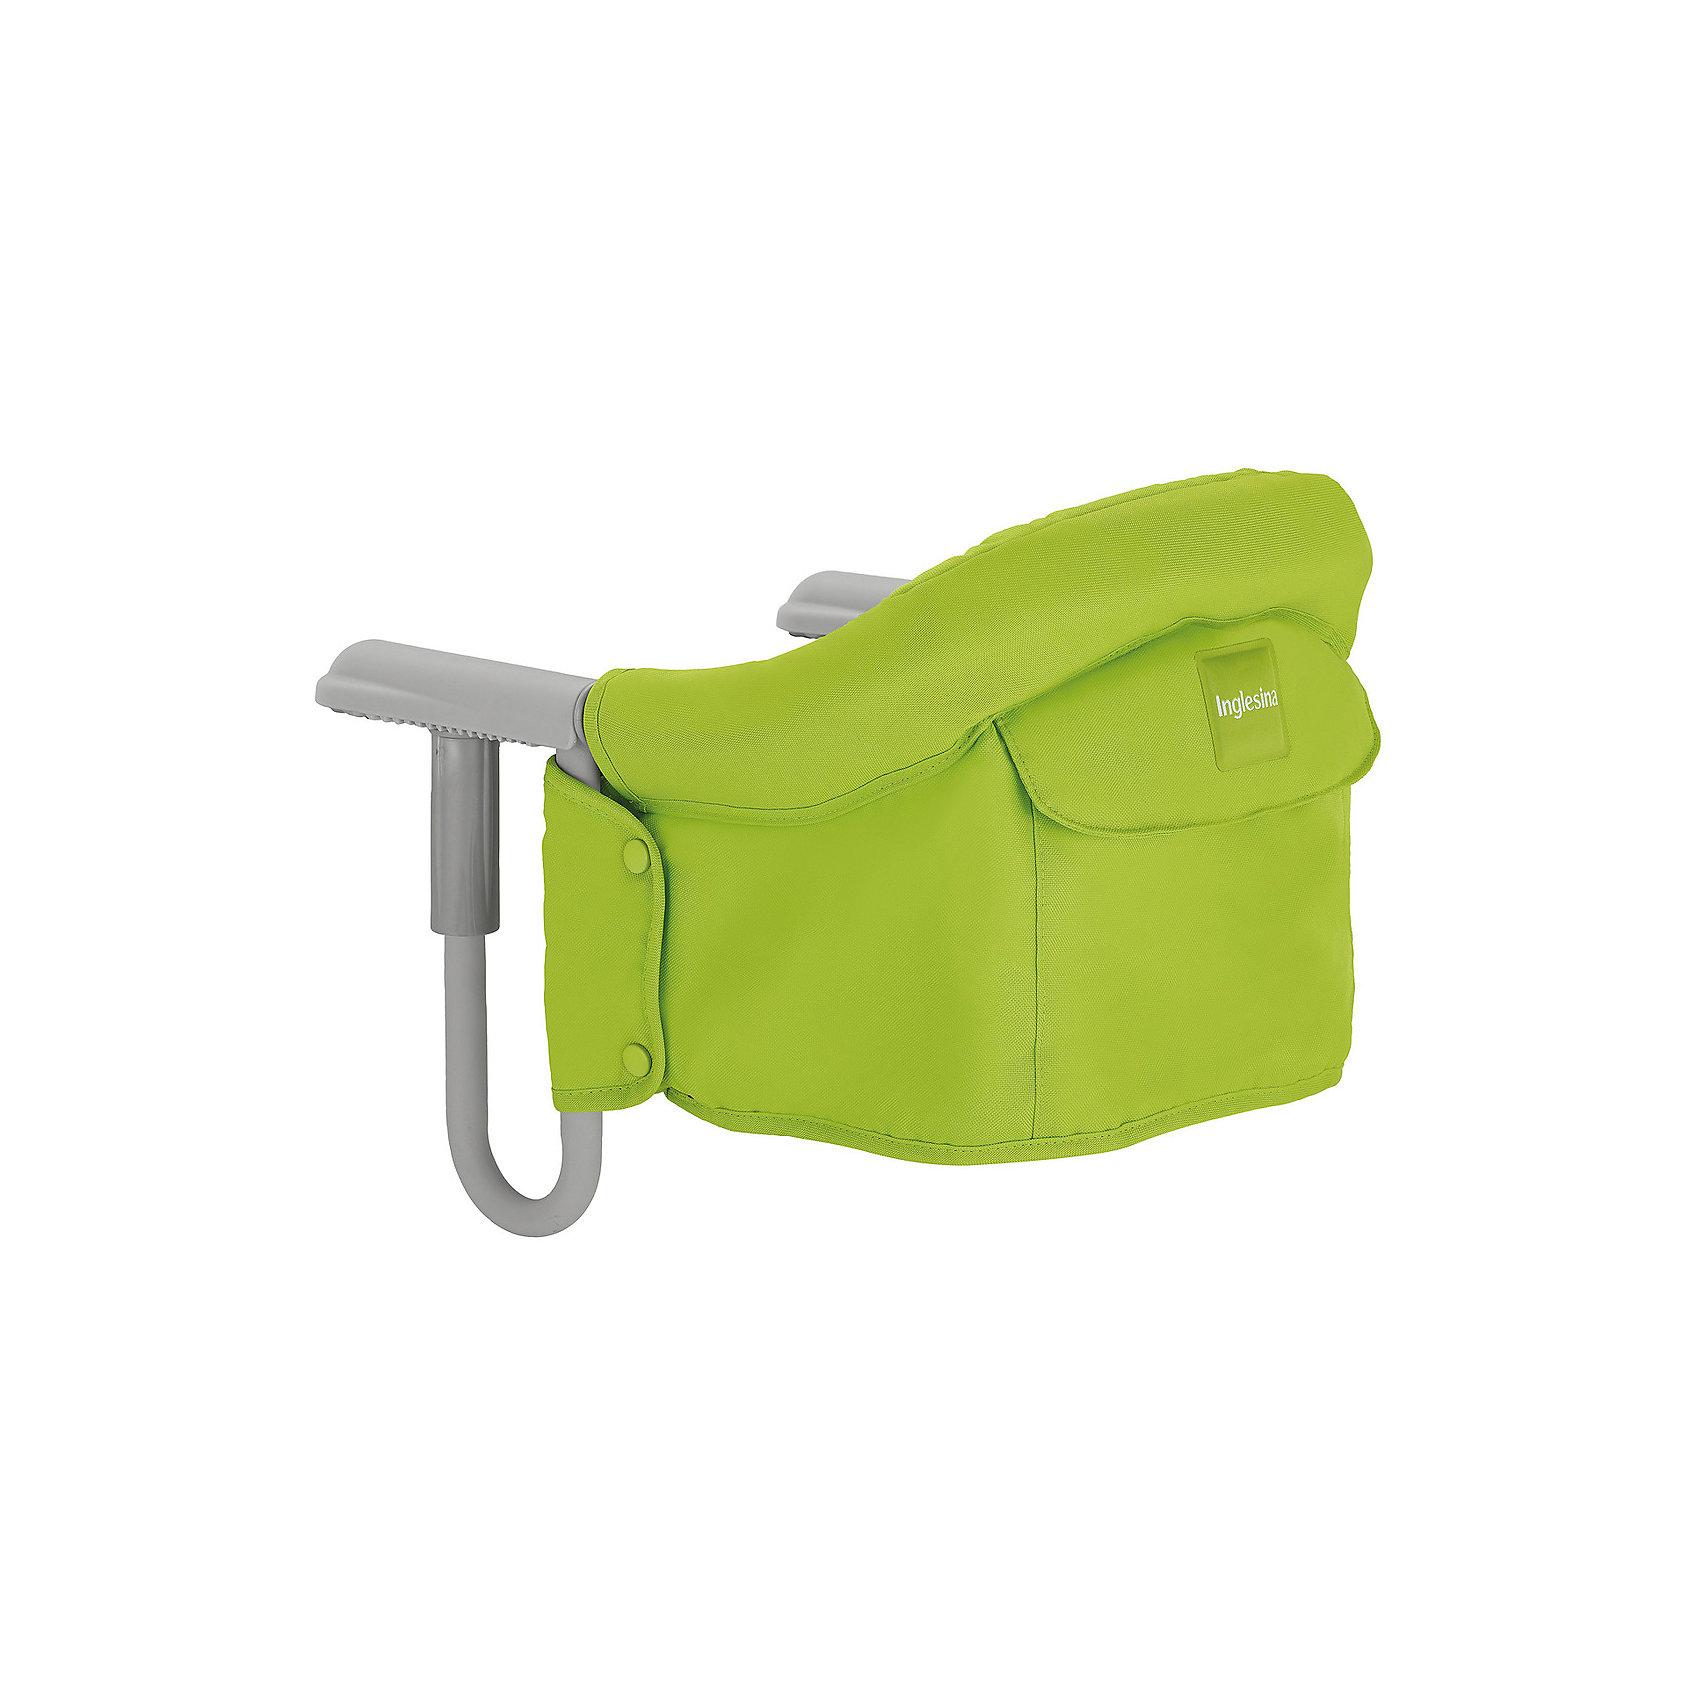 Подвесной стульчик для кормления FAST, Inglesina, лаймот +6 месяцев<br>Характеристики:<br><br>• Вид детской мебели: стульчик подвесной<br>• Пол: универсальный<br>• Материал: металл, текстиль<br>• Съемная конструкция<br>• Надежные крепления <br>• Наличие 3-х точечных ремней безопасности<br>• Наличие кармашка для мелочей<br>• Наличие сумки для переноски<br>• Максимально допустимый вес: до 15 кг<br>• Размеры стульчика в собранном виде (Д*Ш*В): 28*35*40 см<br>• Размеры упаковки (Д*Ш*В): 38*40*43,5 см<br>• Вес в упаковке: 3 кг <br>• Текстильный чехол сидения можно стирать <br><br>Внимание! Основным является первое фото, последующие фотографии размещены с целью показать функционал данной модели.<br><br>Подвесной стульчик для кормления FAST, Inglesina, лайм – стульчик, предназначенный для детей, которые умеют сидеть. Стульчик имеет подвесную конструкцию, которая надежно крепится к столу. Каркас выполнен из прочного металла, сиденье – из текстиля, который можно стирать. При небольших габаритах и легком весе стульчик выдерживает вес ребенка до 15 кг. Подвесной стульчик для кормления FAST, Inglesina, лайм – не только идеальный вариант для малогабаритных квартир, но и для дальних поездок или для дачи.<br><br>Подвесной стульчик для кормления FAST, Inglesina, лайм можно купить в нашем интернет-магазине.<br><br>Ширина мм: 370<br>Глубина мм: 340<br>Высота мм: 110<br>Вес г: 236<br>Цвет: lime<br>Возраст от месяцев: 6<br>Возраст до месяцев: 36<br>Пол: Унисекс<br>Возраст: Детский<br>SKU: 5122074